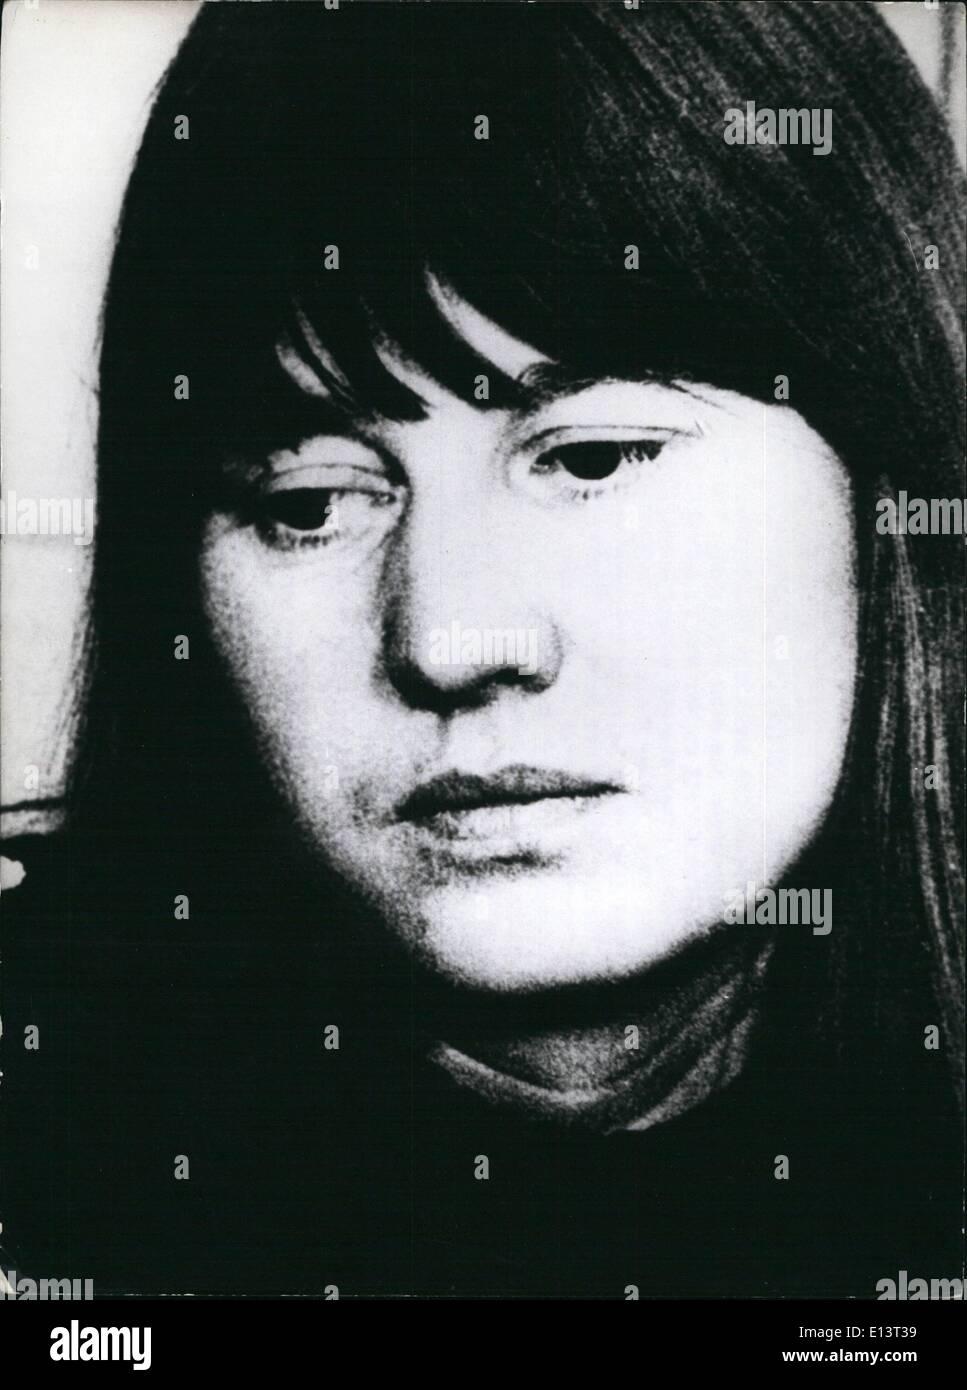 """27 mar 2012 - Ulrike Meinhof suicida in carcere: quasi un anno dopo l inizio del processo contro esponenti dell'anarchico ''Cianfrinatrici/Meinhof gruppo"""", un altro membro del gruppo è morto in carcere. Ulrike Meinhof (41-picture) è stata trovata morta il 9 maggio nella sua cella di Stuttgart Stammheim prigione dopo che aveva appeso se stessa con un asciugamano. Il 9 novembre 1974, Holger Meins, anche uno dei leader del gruppo, era morto mentre è in sciopero della fame. Ulrike Meinhof è nato il 7 ottobre 1934 in Oldenburg (Germania del Nord) Immagini Stock"""